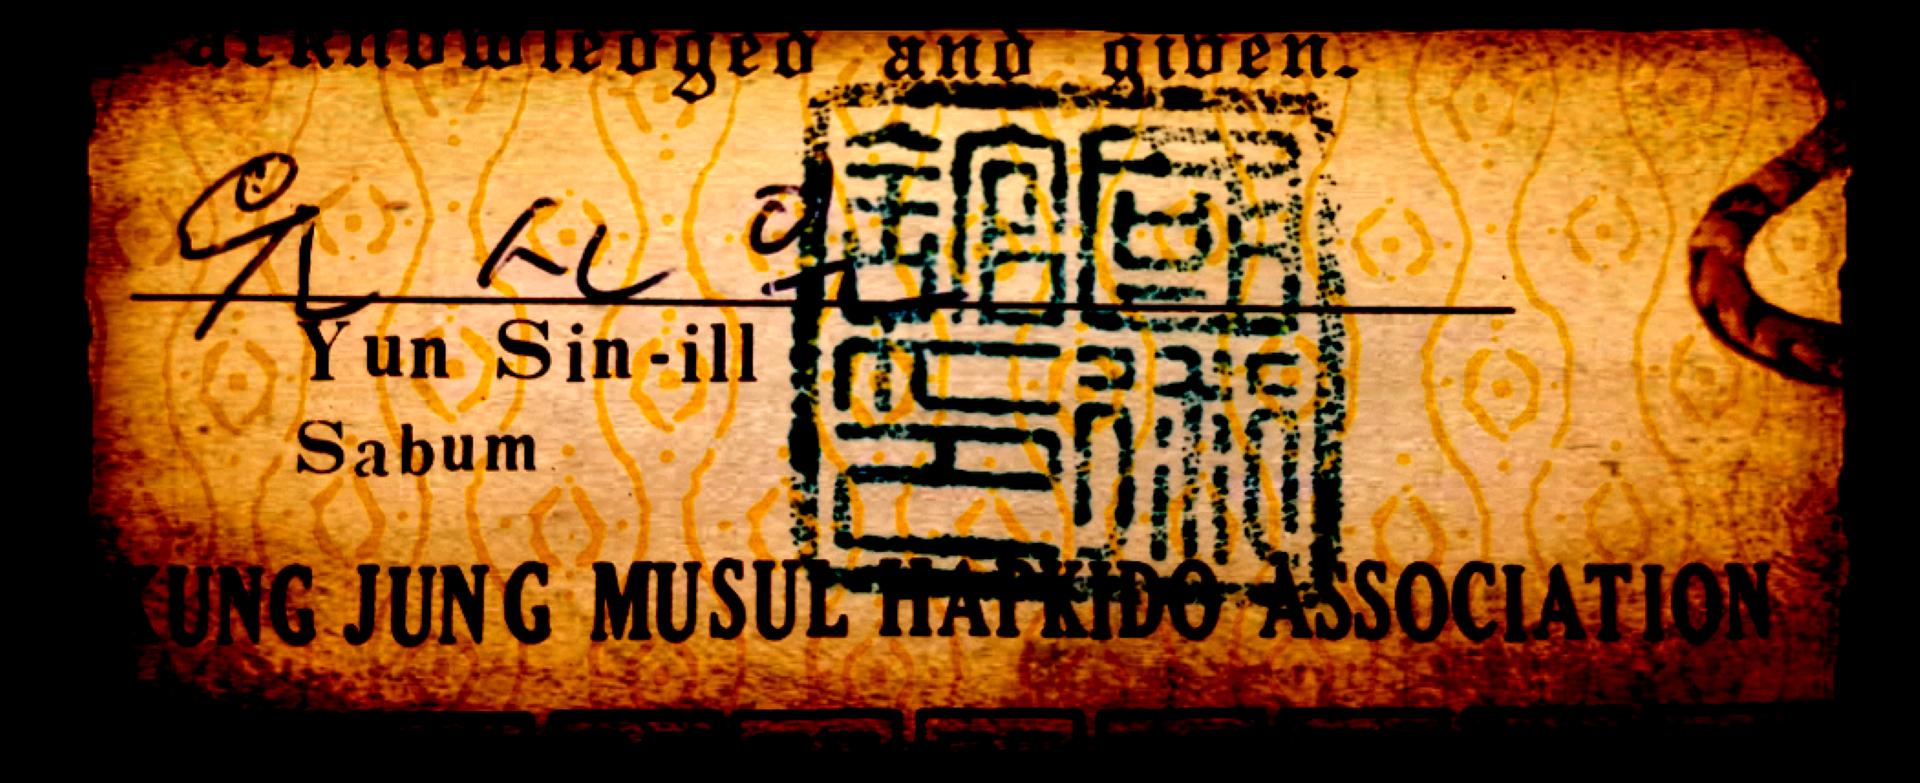 Unterschrift des YUN SIN-ILL